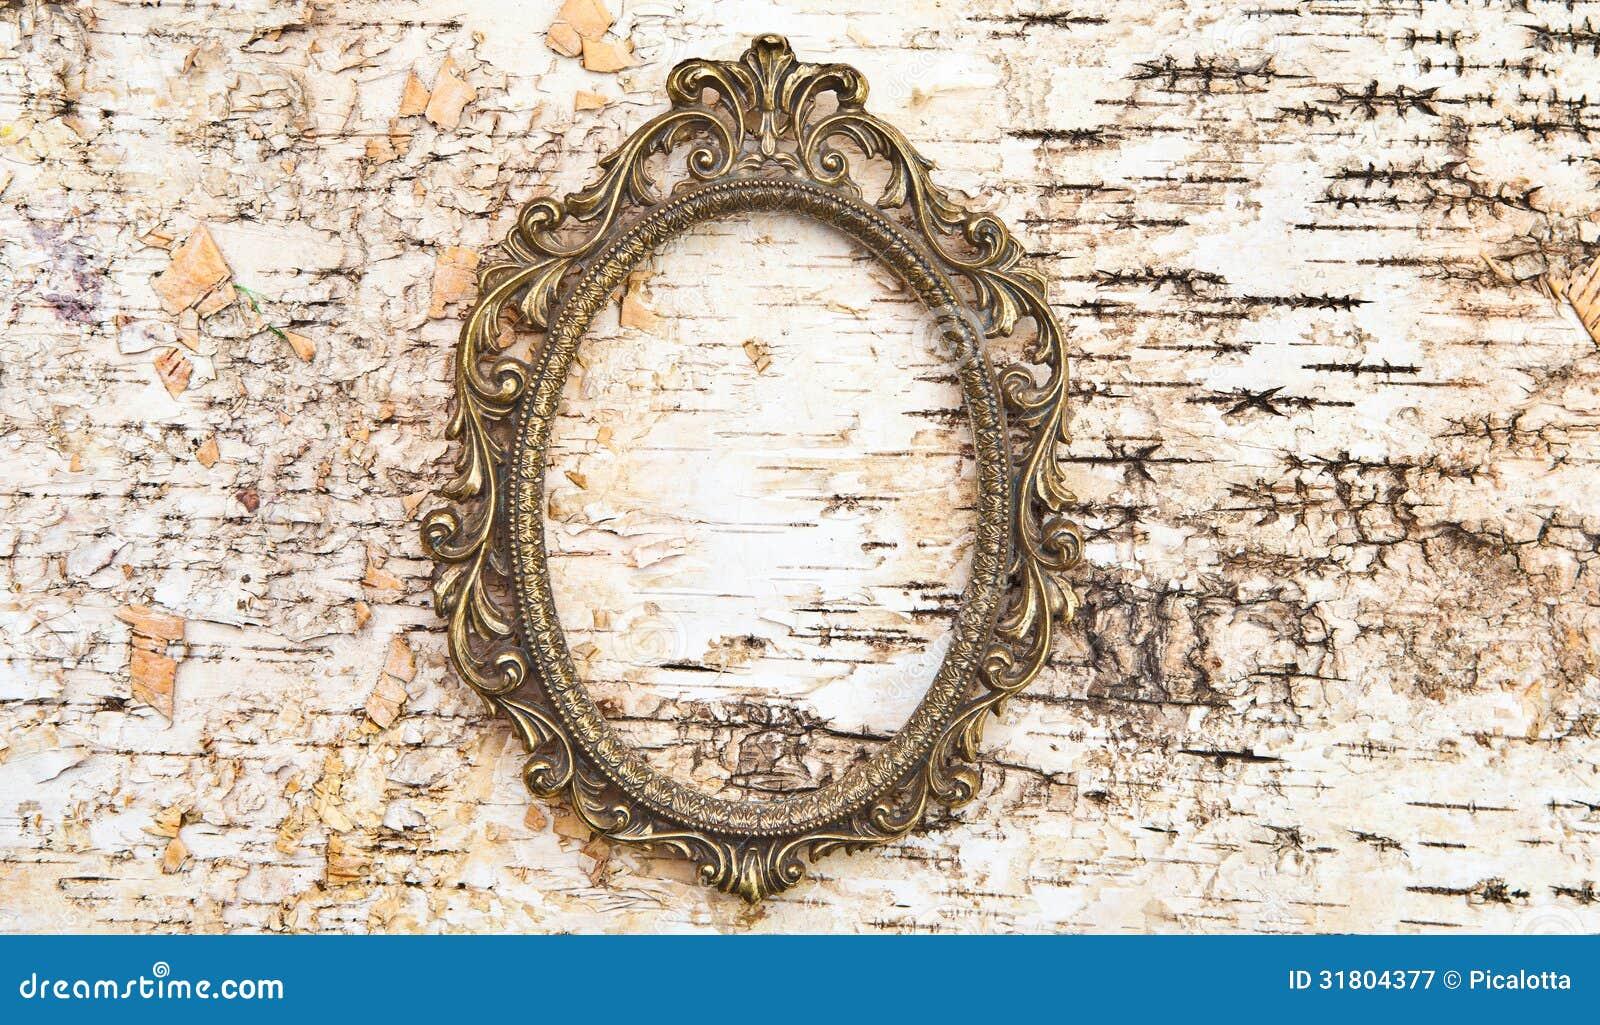 Vintage frame on rustic wooden background